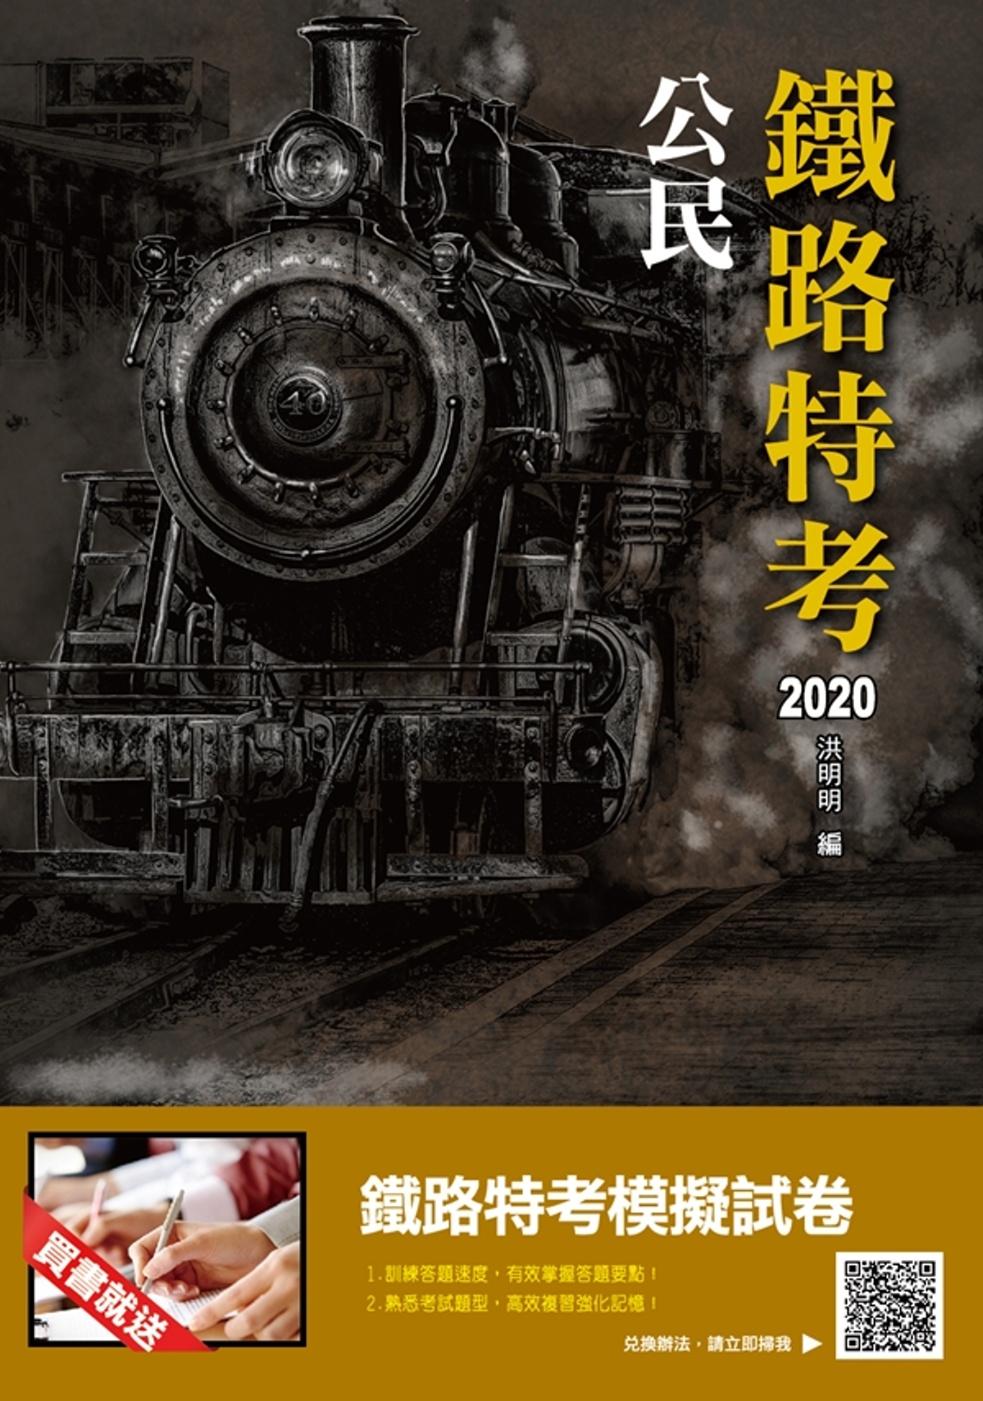 2020鐵定考上版 公民(鐵路特考佐級適用)(三民上榜生專用書)(贈鐵路特考模擬試卷)(二十一版)